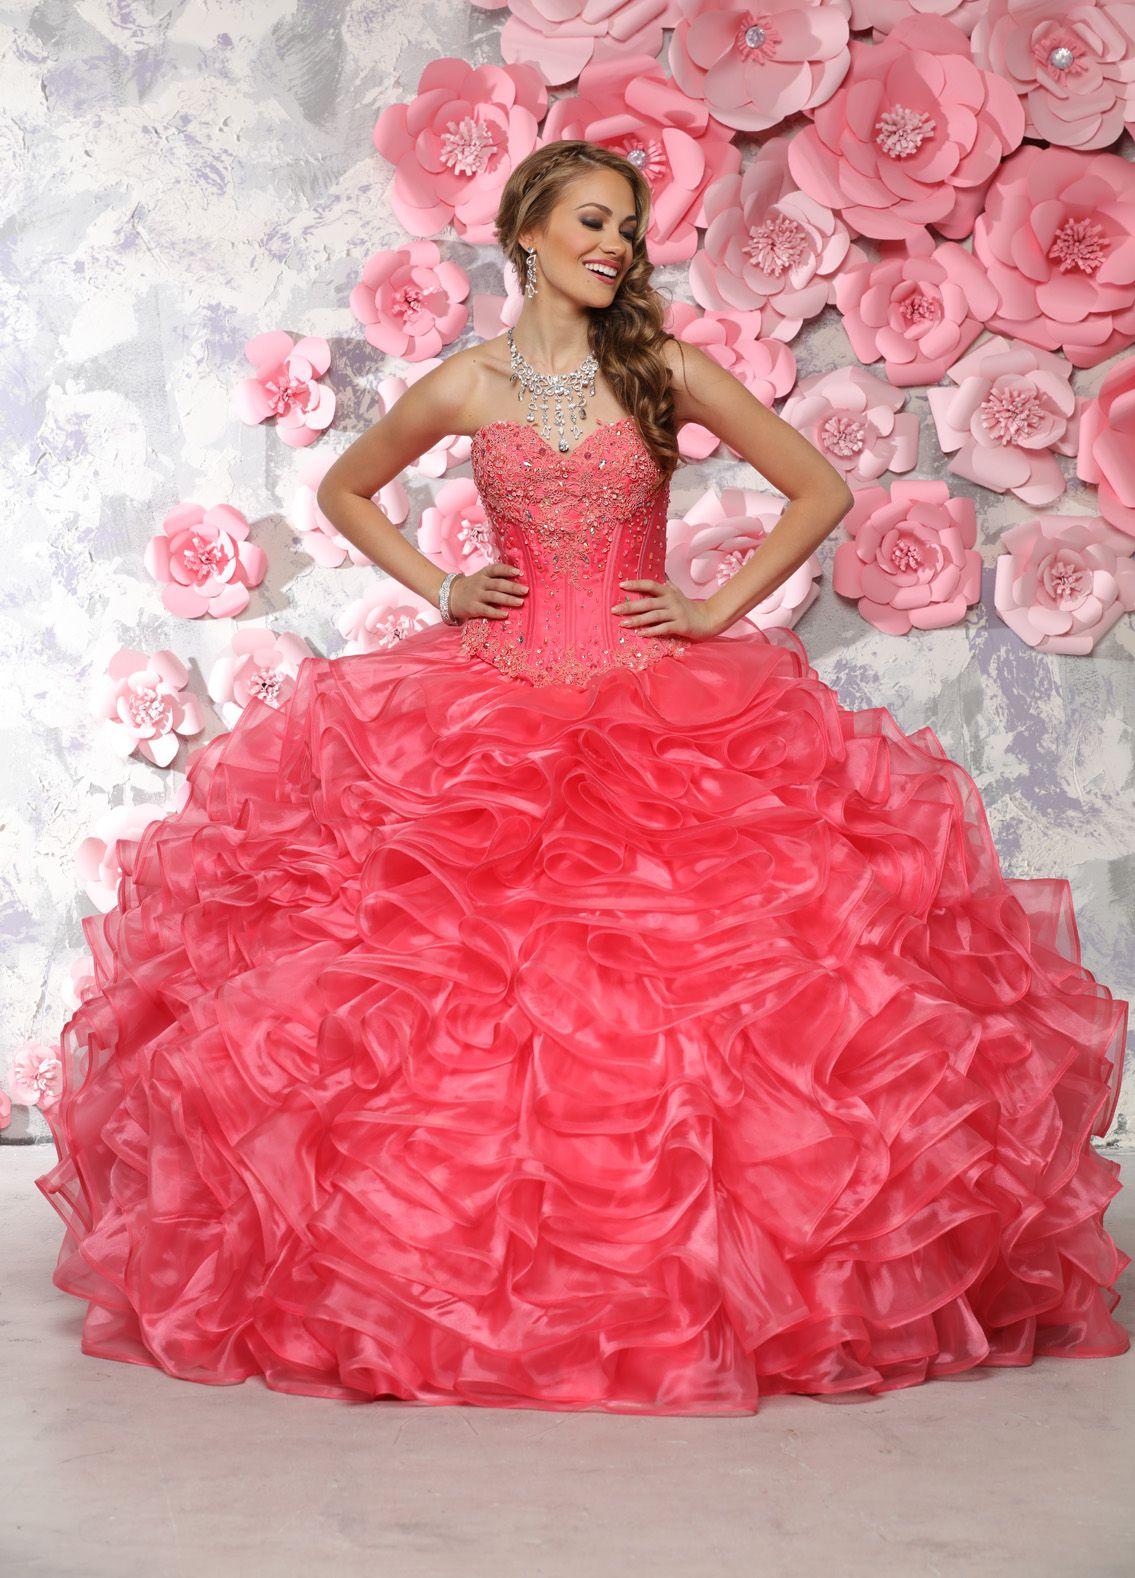 Excepcional Vestidos De Dama Davinci Fotos - Colección de Vestidos ...